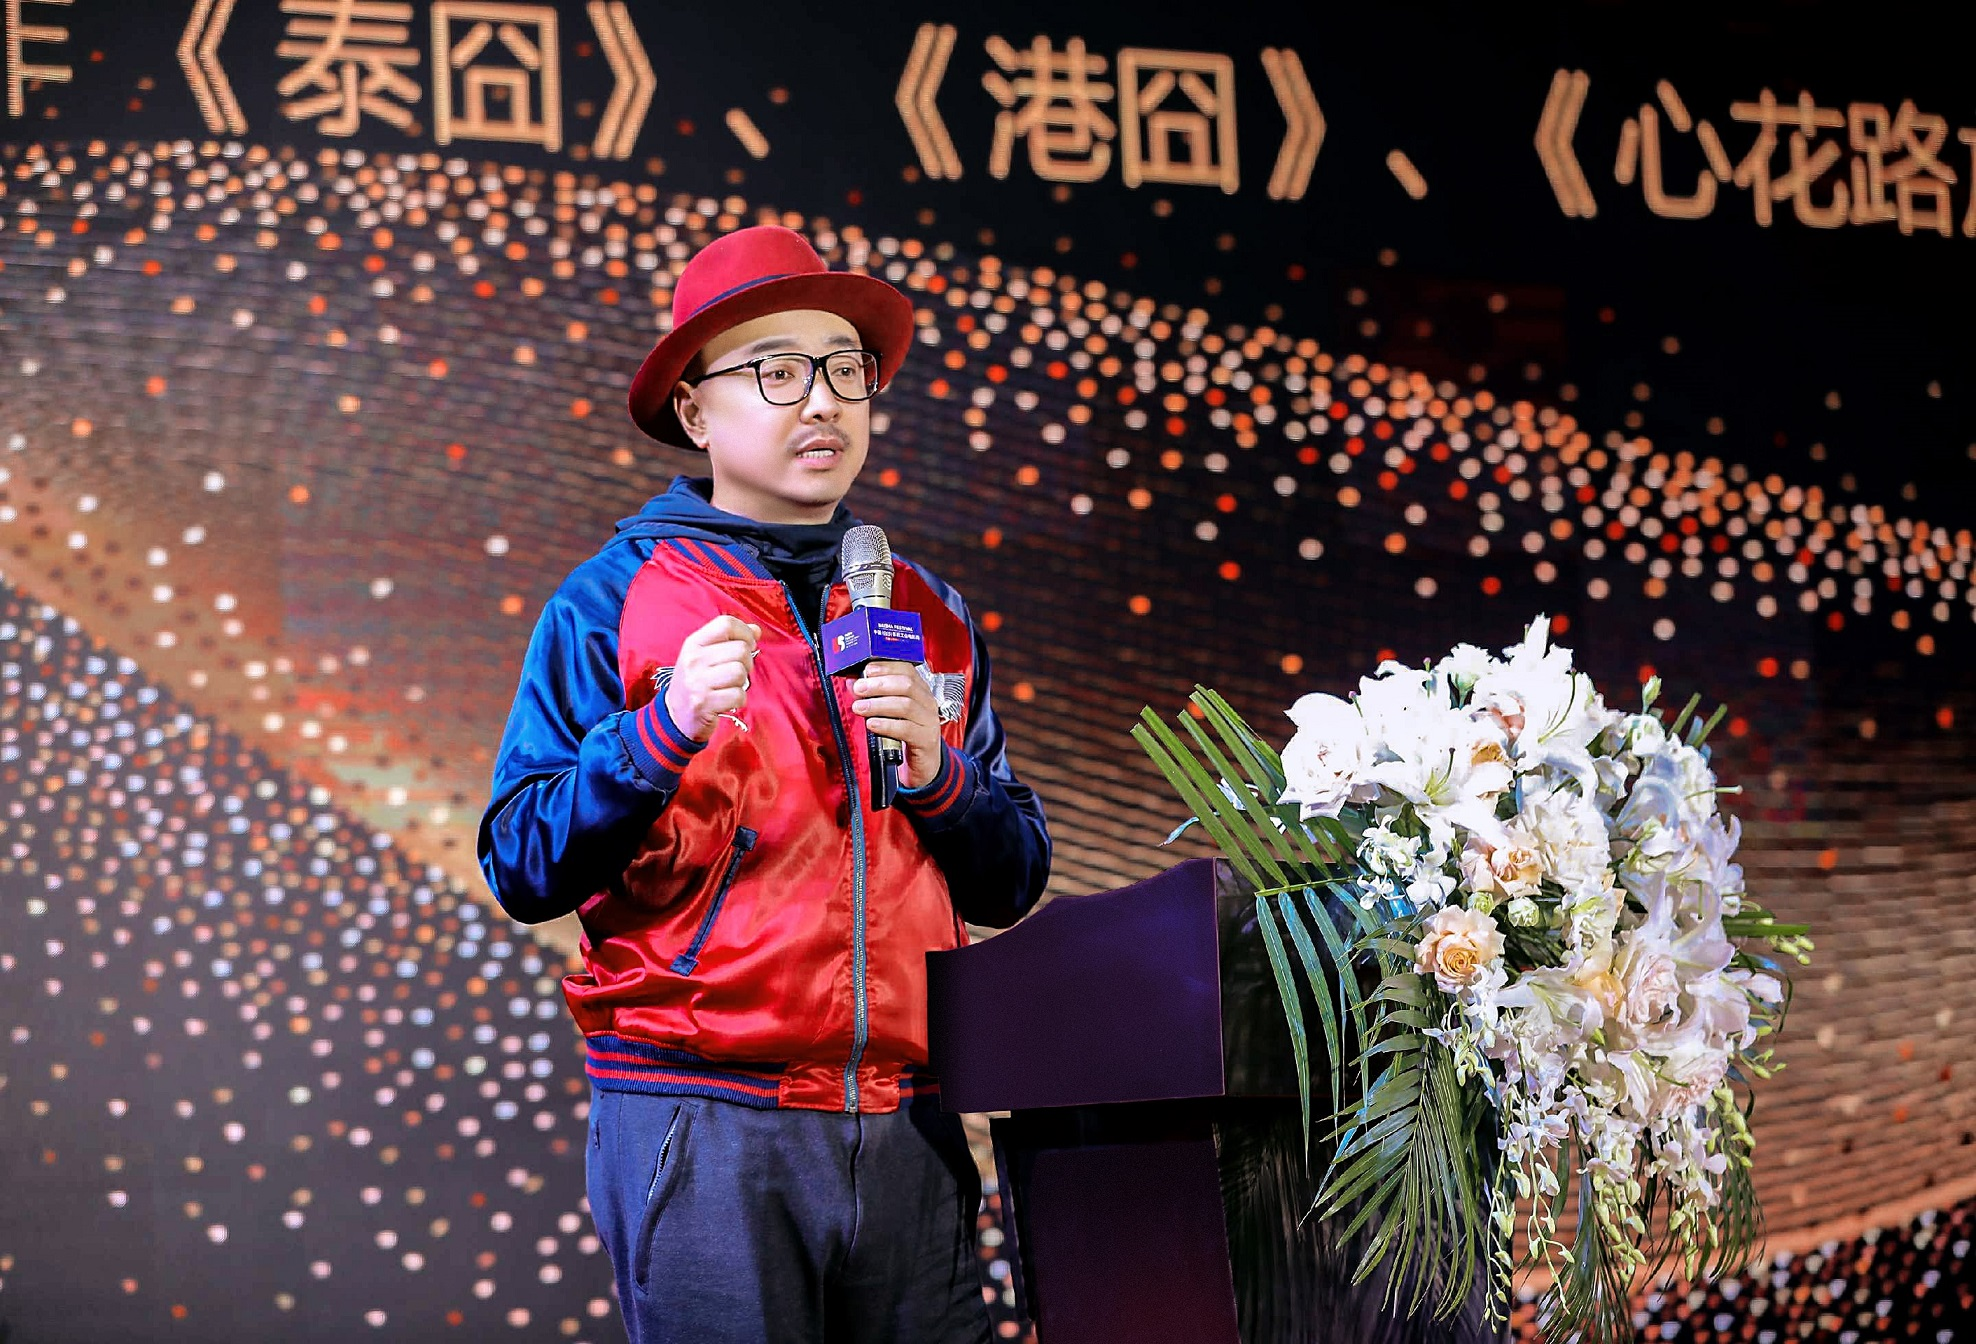 首届中国(白沙)影视工业电影周在江津白沙正式启幕,作为本次电影周的形象大使,著名演员、导演、监制徐峥现身幕后英雄盛典,为电影行业的幕后英雄们发声助威。